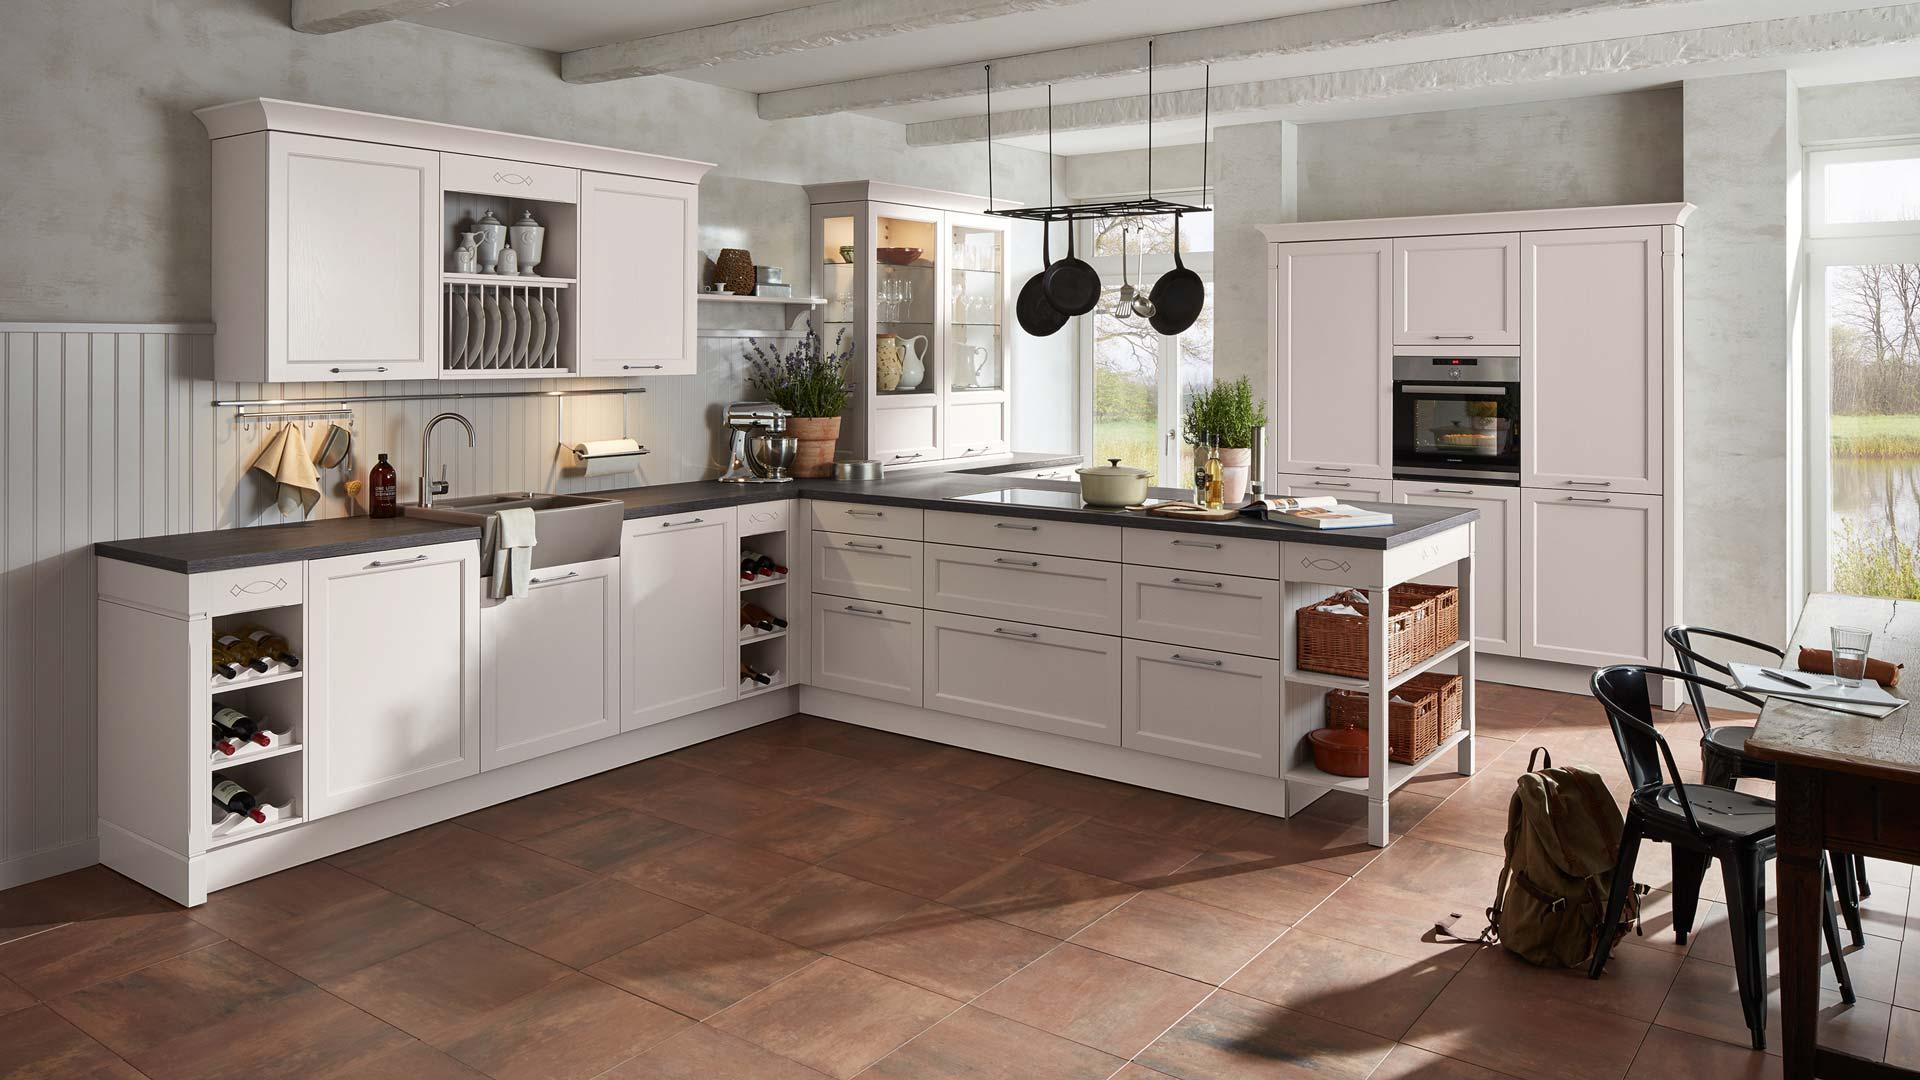 Weiße Landhausküche im Küchenstudio Miele Center Ebner & Spuller in Graz